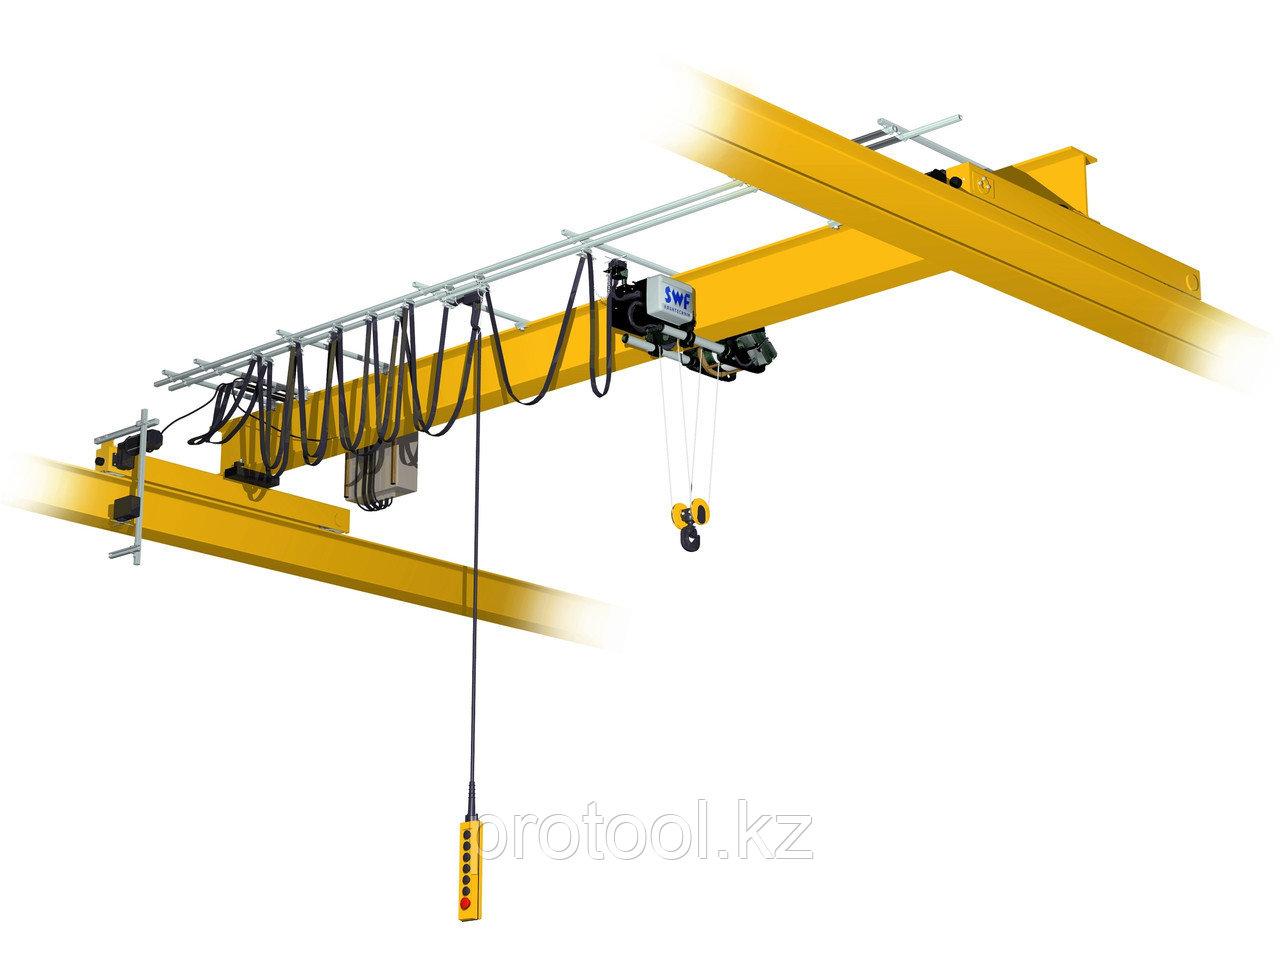 Кран мостовой однобалочный опорный однопролётный г/п 10 т пролет 9,0 м